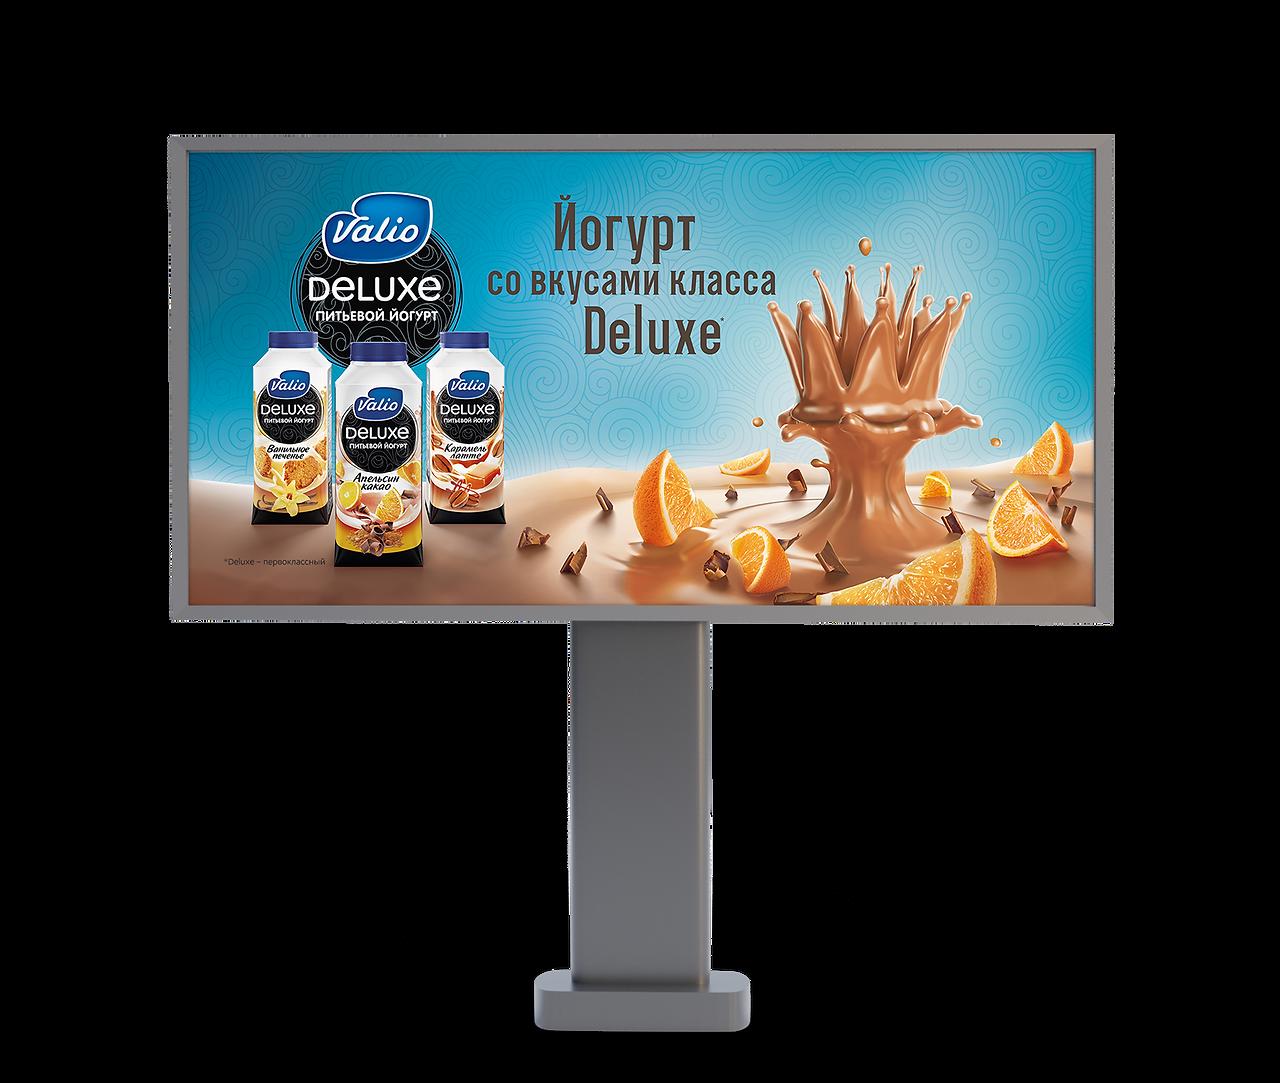 Kollegi CA. Valio Deluxe Йогурт реклама плакат